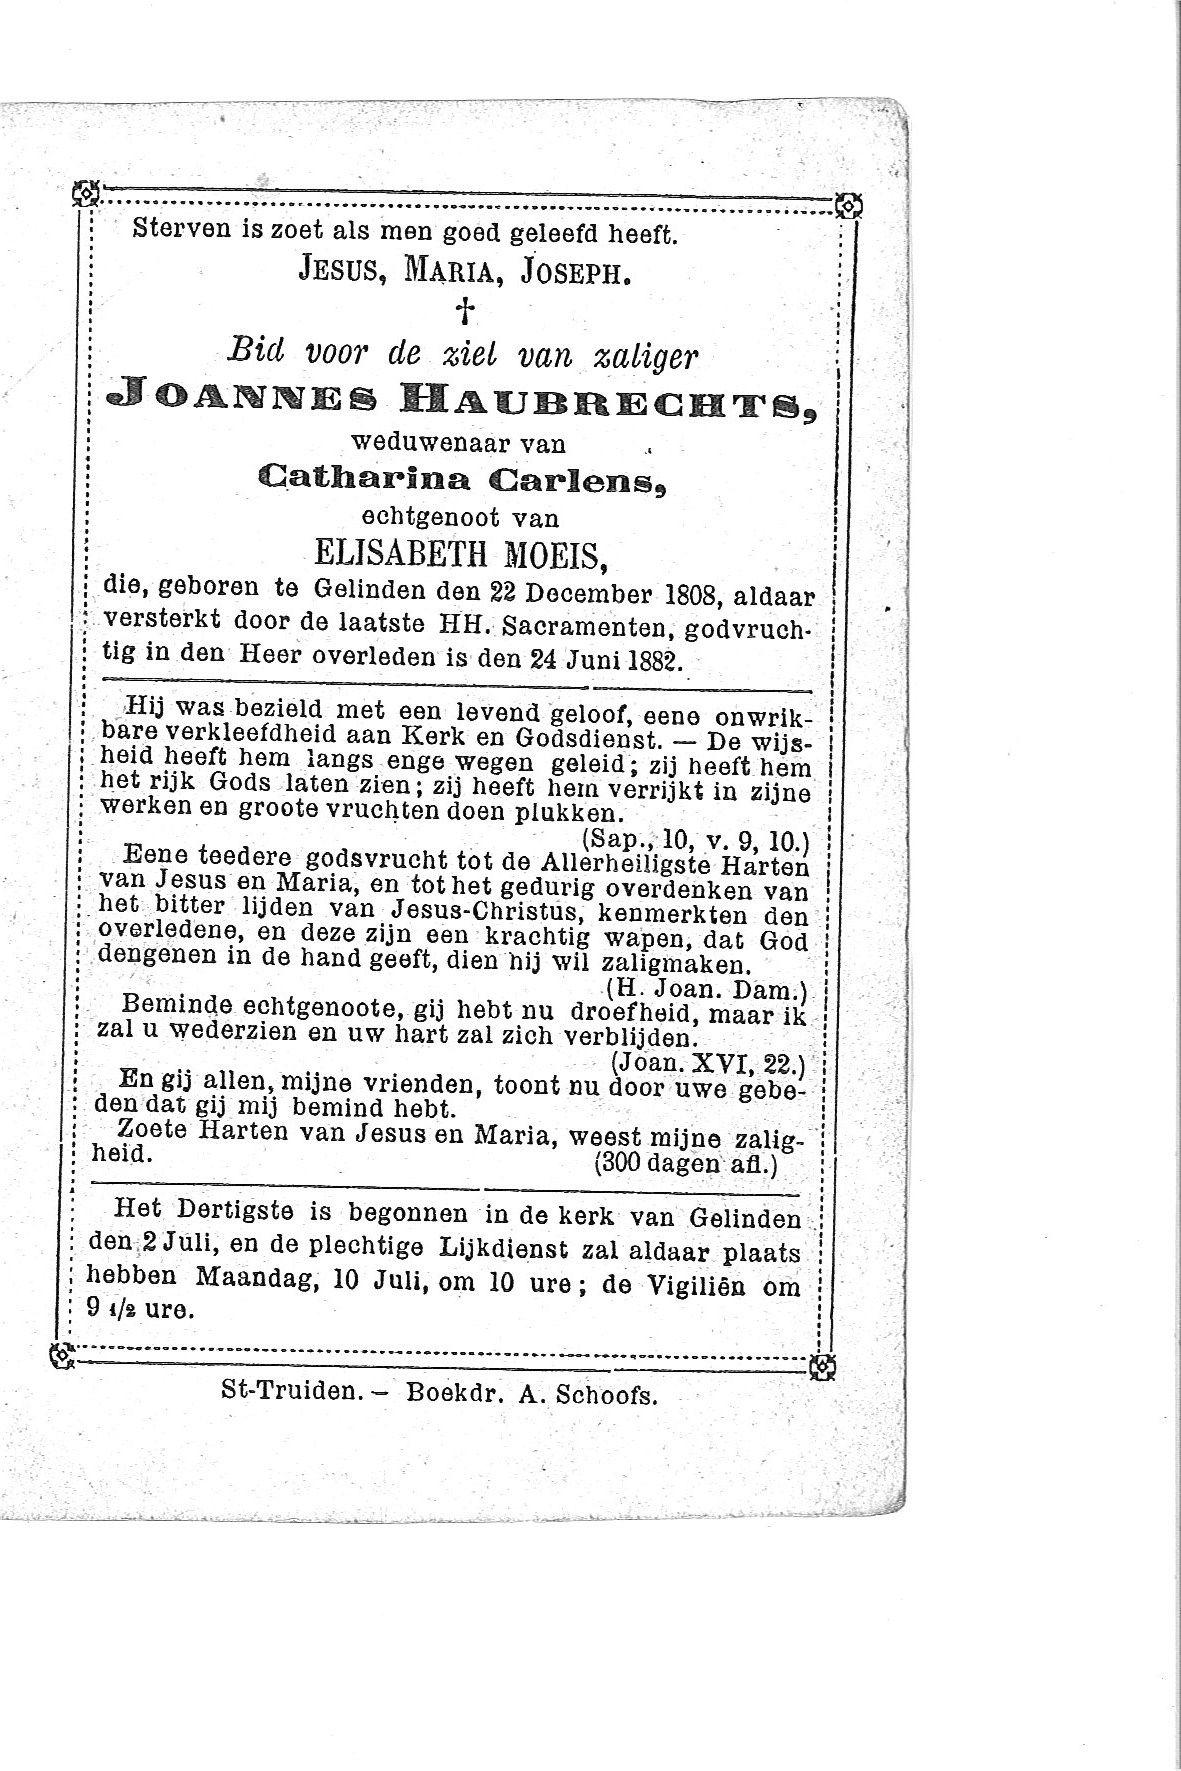 joannes(1882)20090414134348_00018.jpg